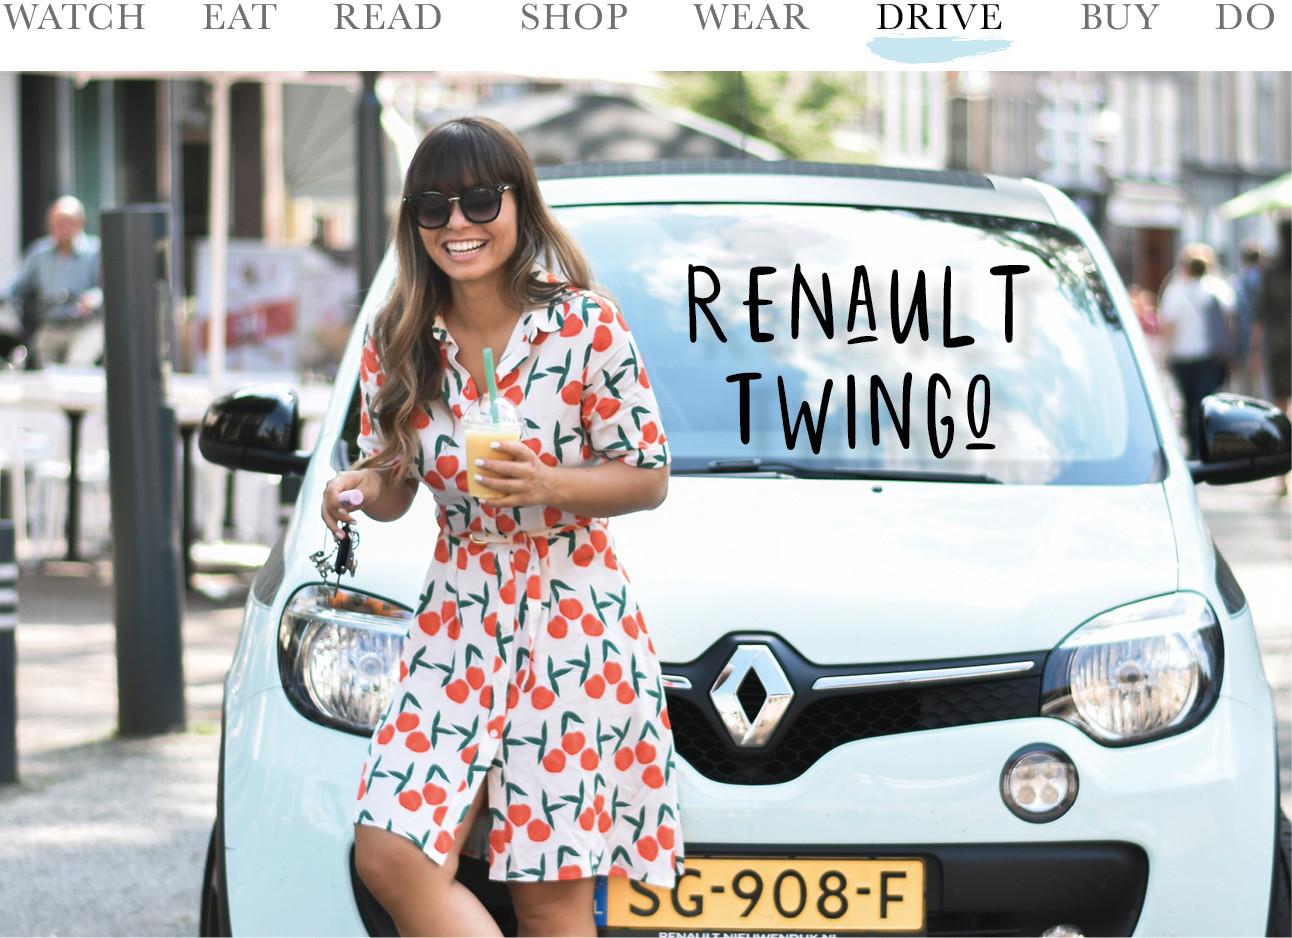 Kiki in een rood met wit geklurde jurk, ze staat voor en lichtblauwe renault twingo en op de achtergrond zie je een stad, Kiki lacht